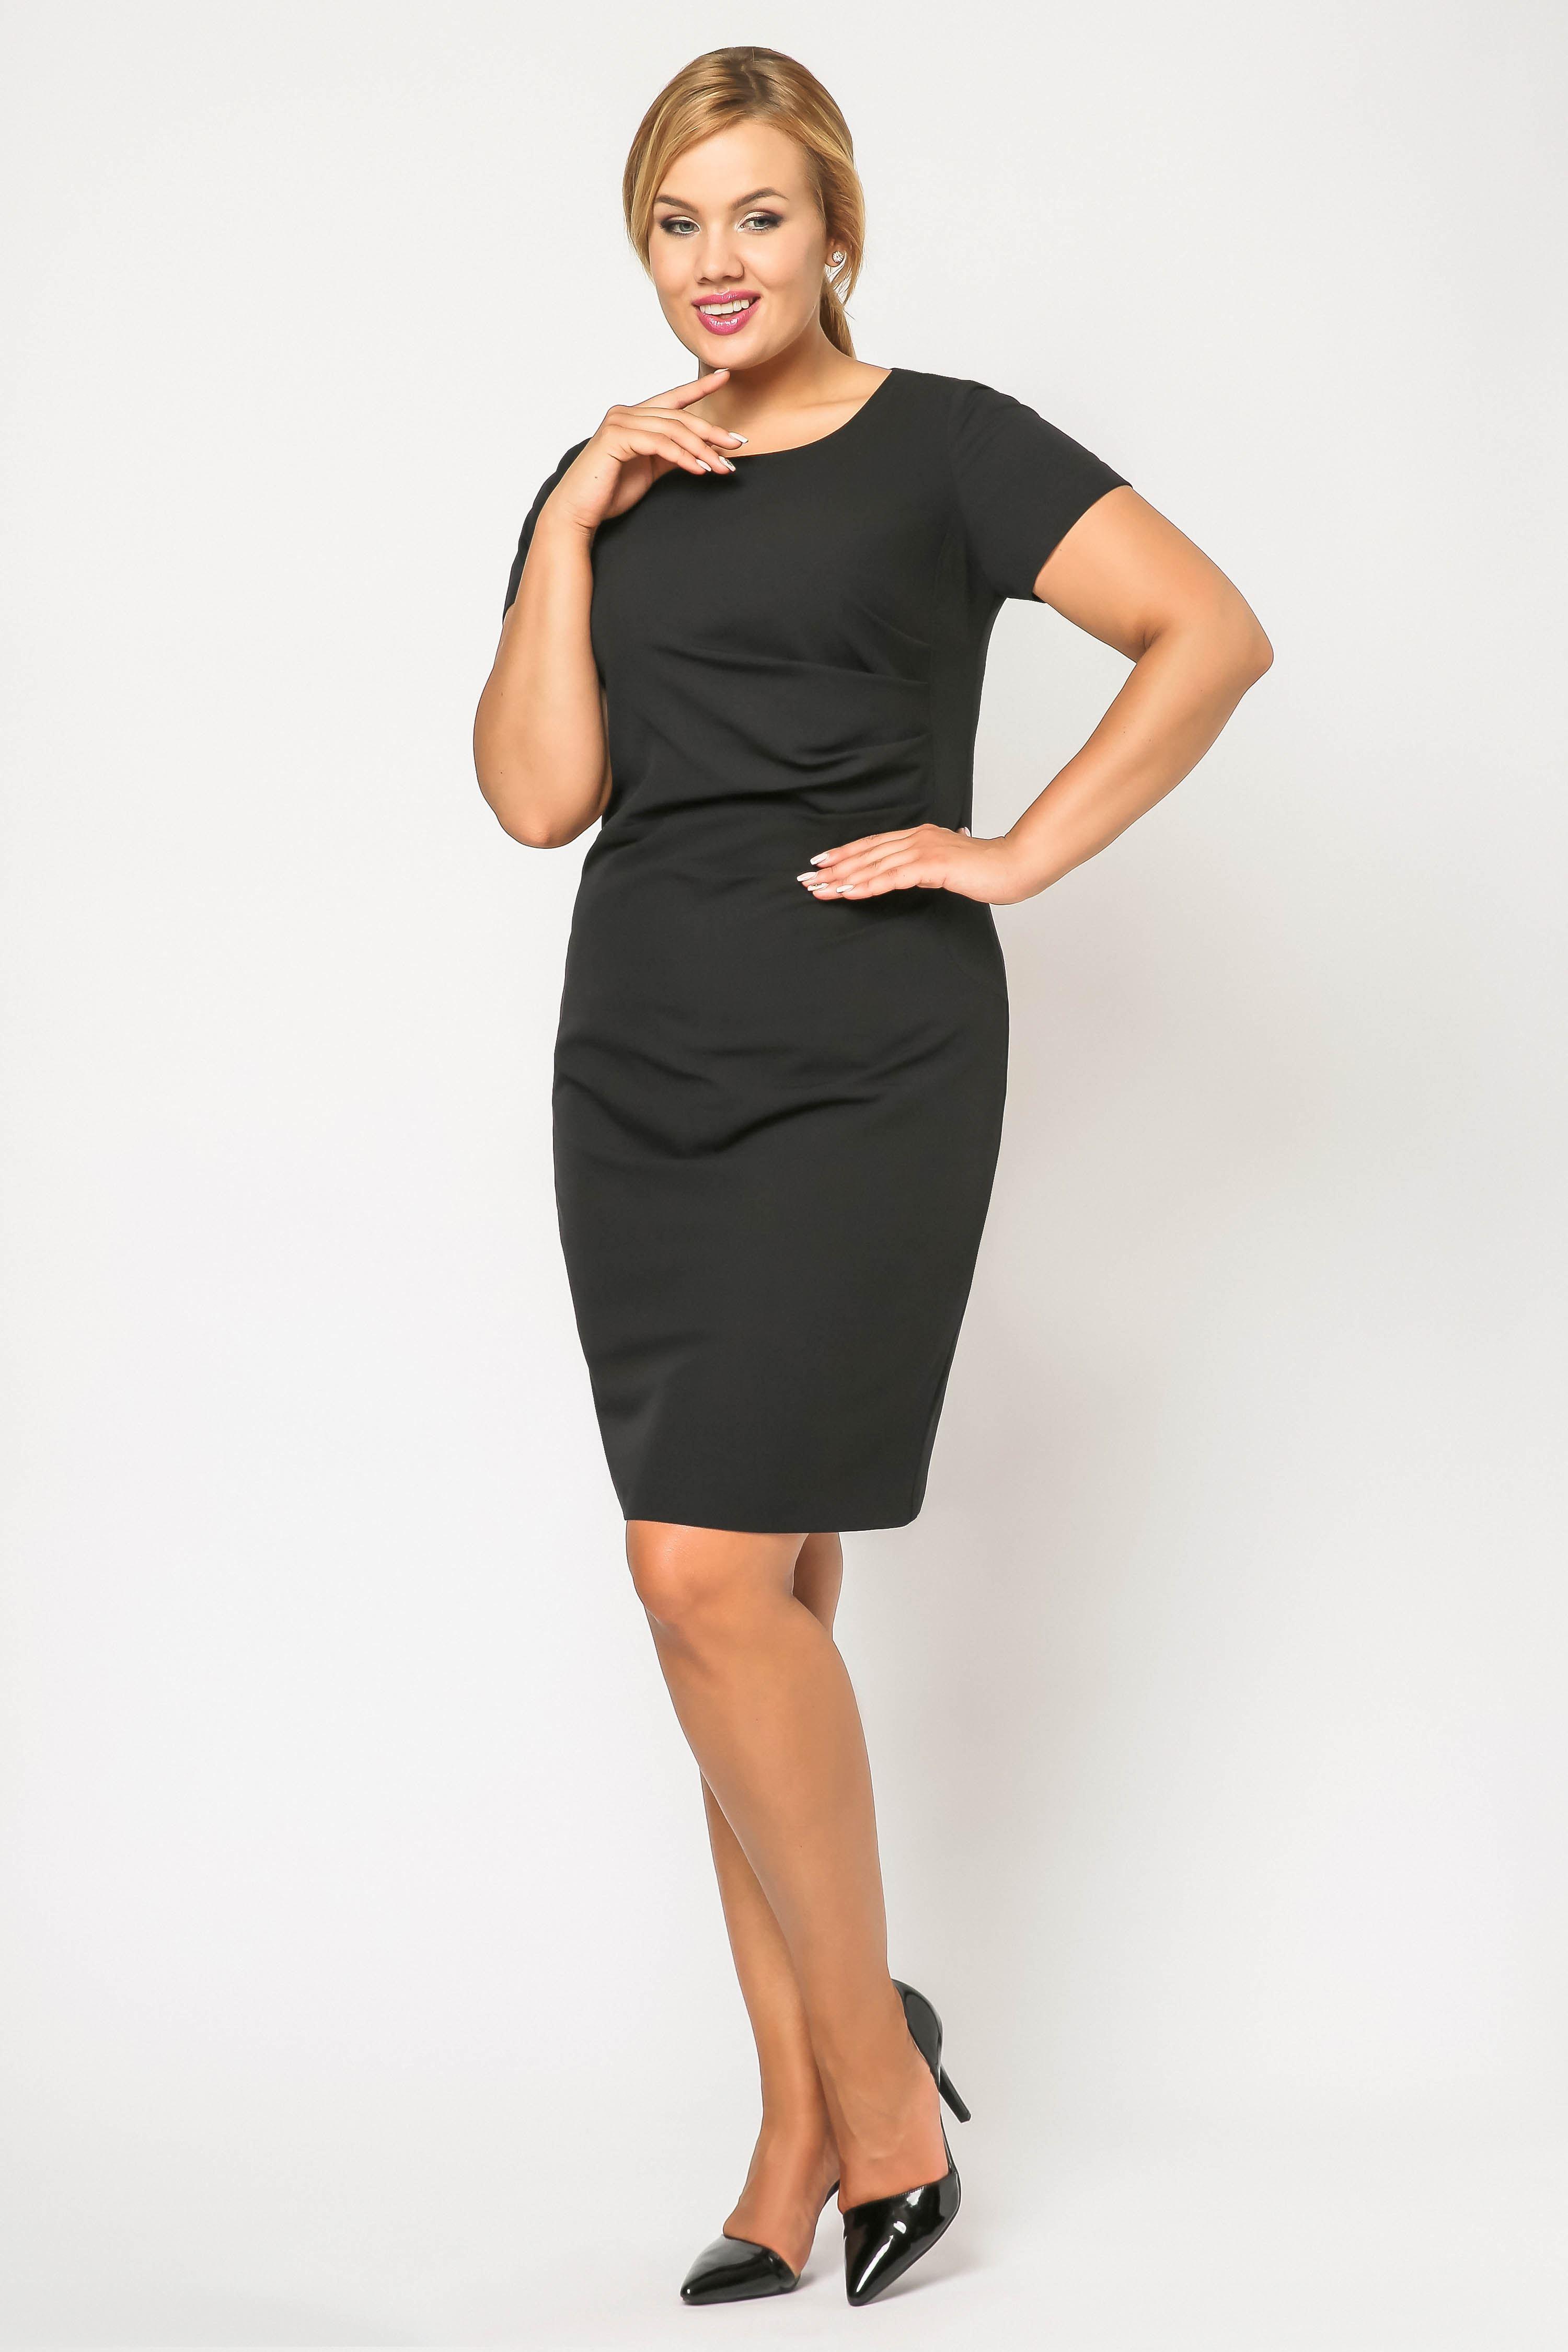 Rachel dress in black